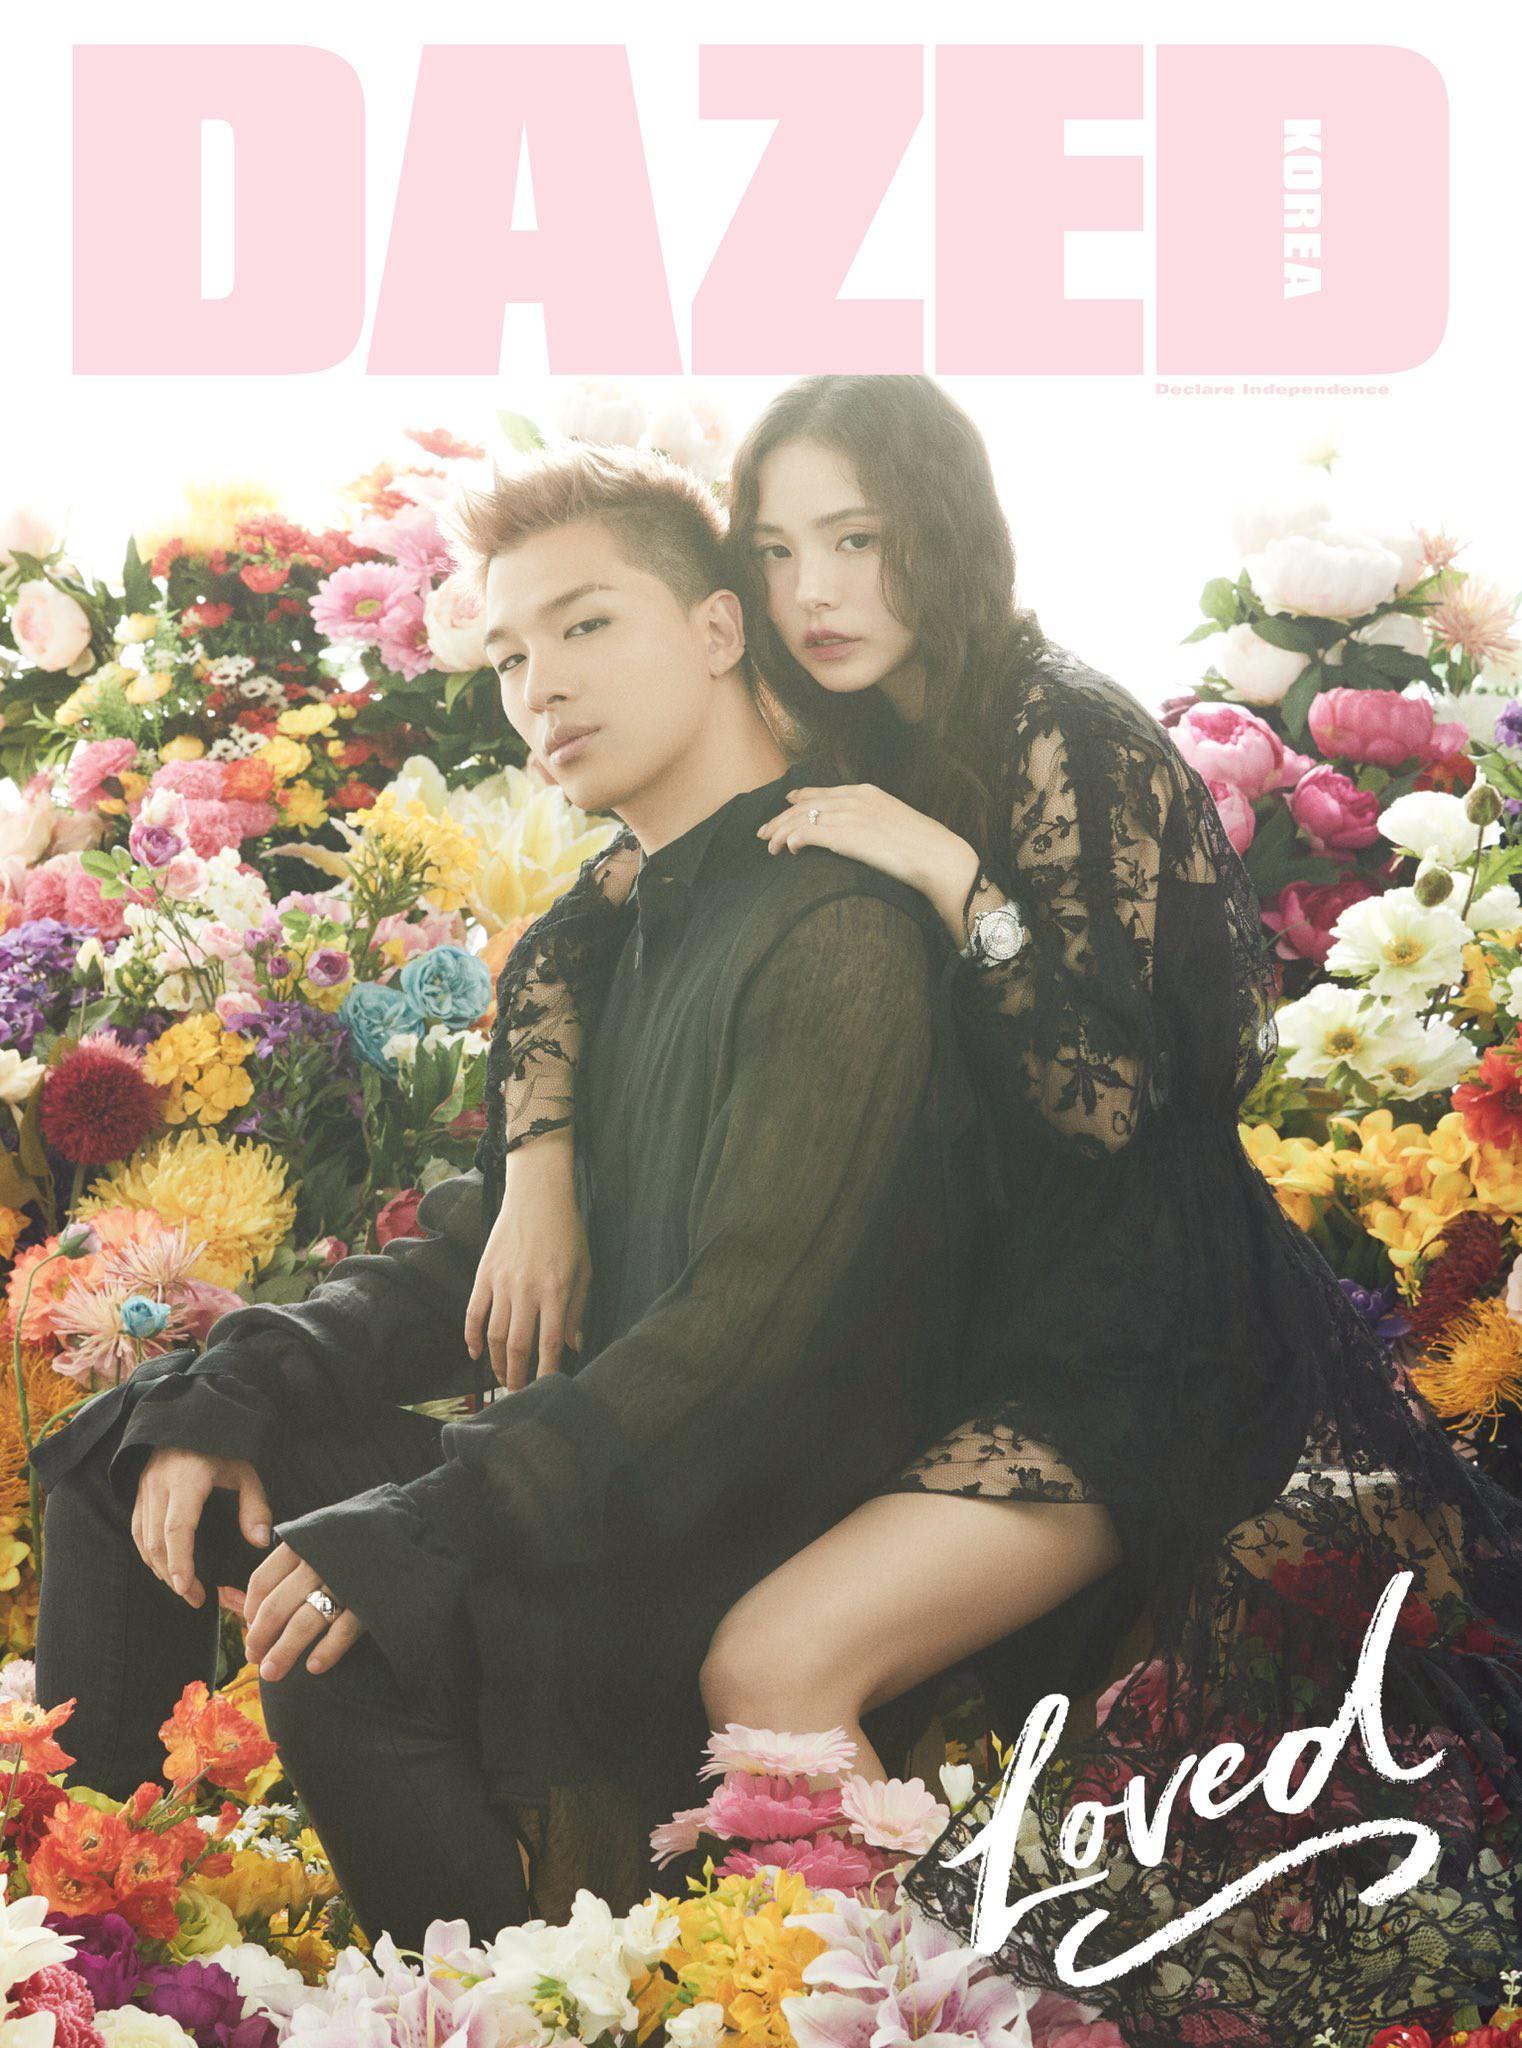 Hé lộ bộ ảnh cưới bí ẩn và quyến rũ của Big Bang Taeyang và Min Hyo Rin-4